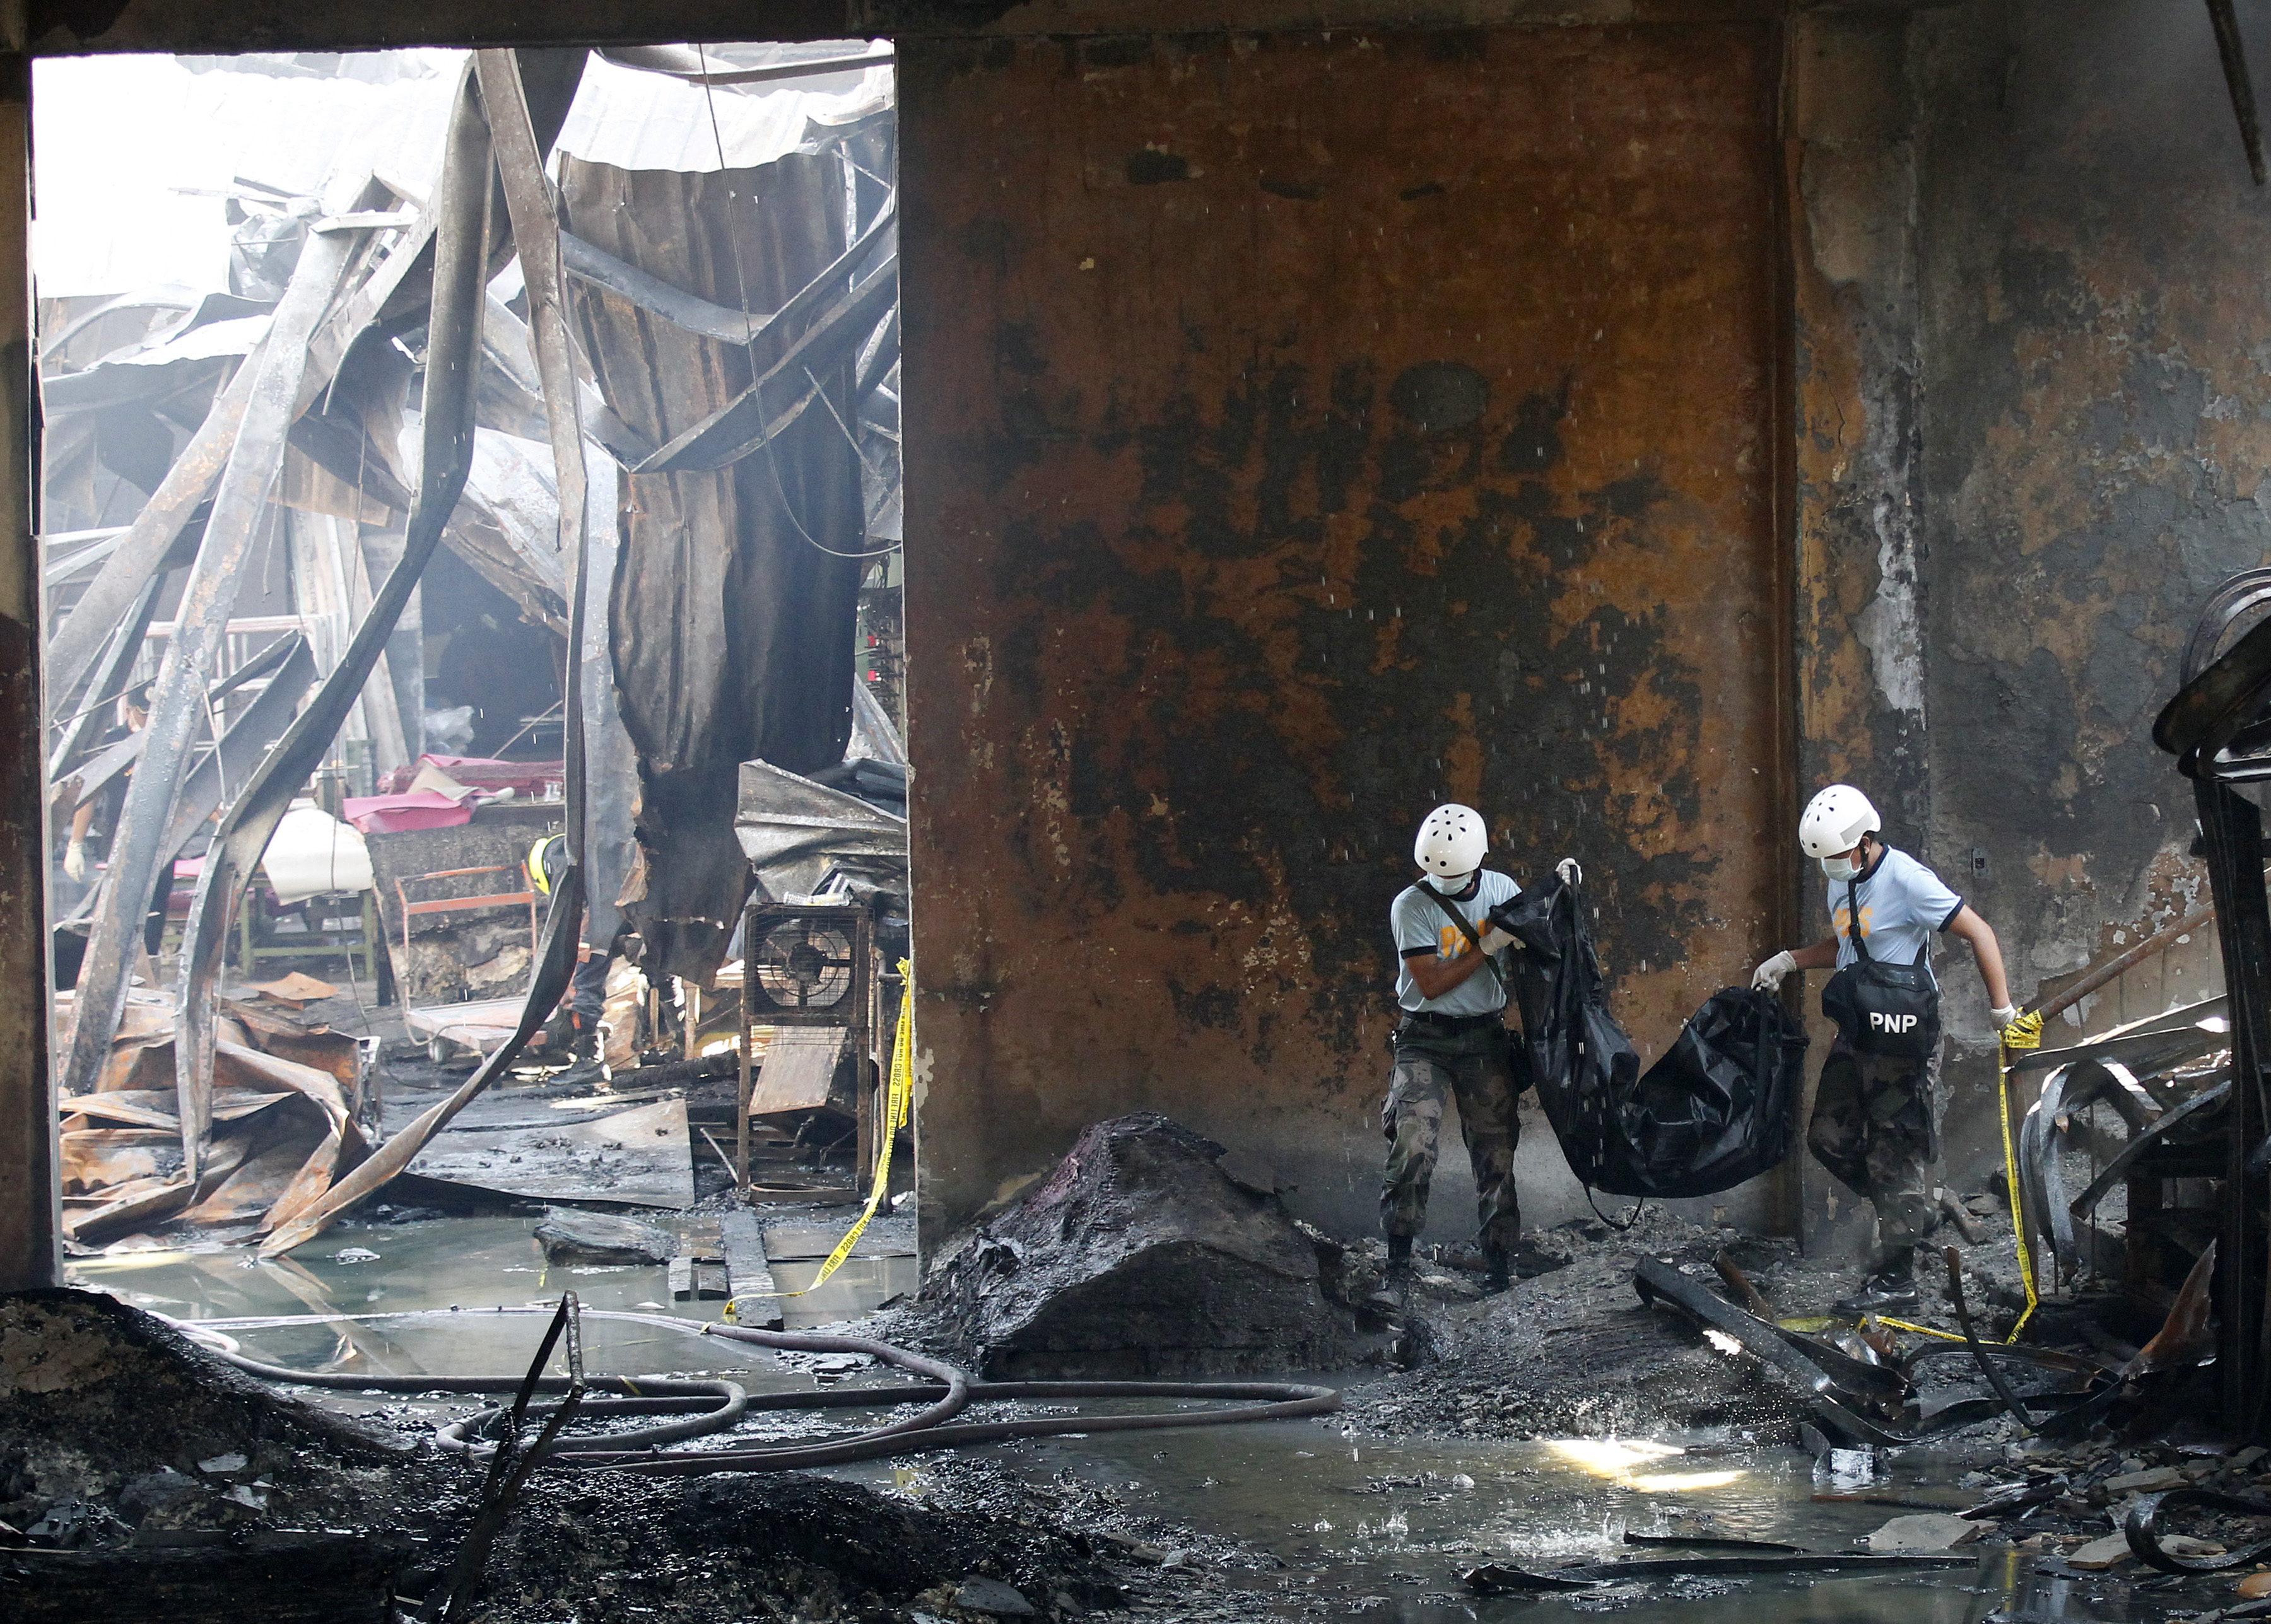 Philippines Valenzuela Fire Death Toll in Valenzuela Fire